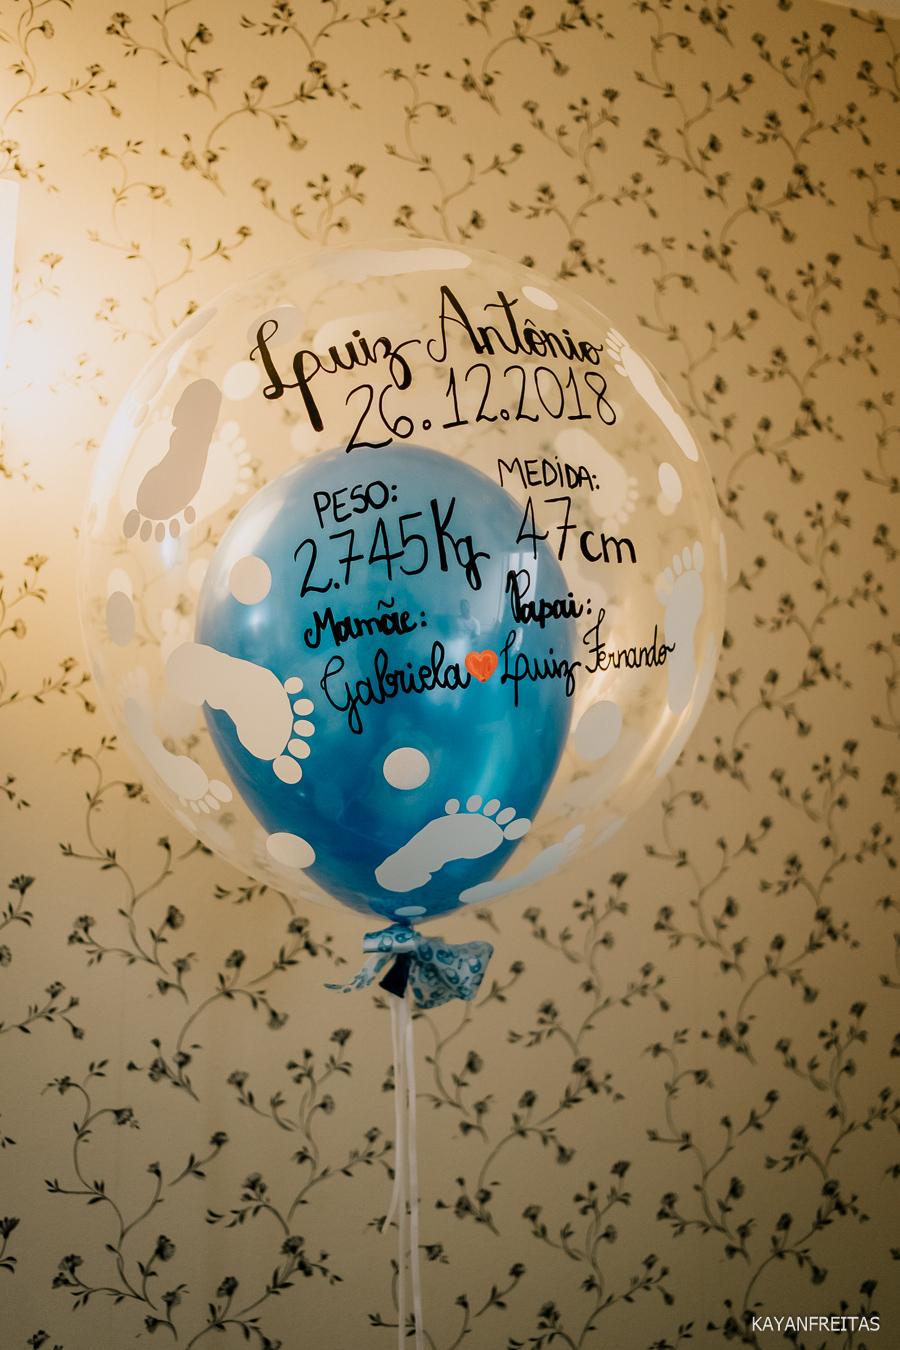 nascimento-luiz-antonio-0028 Nascimento Luiz Antônio - Santa Helena